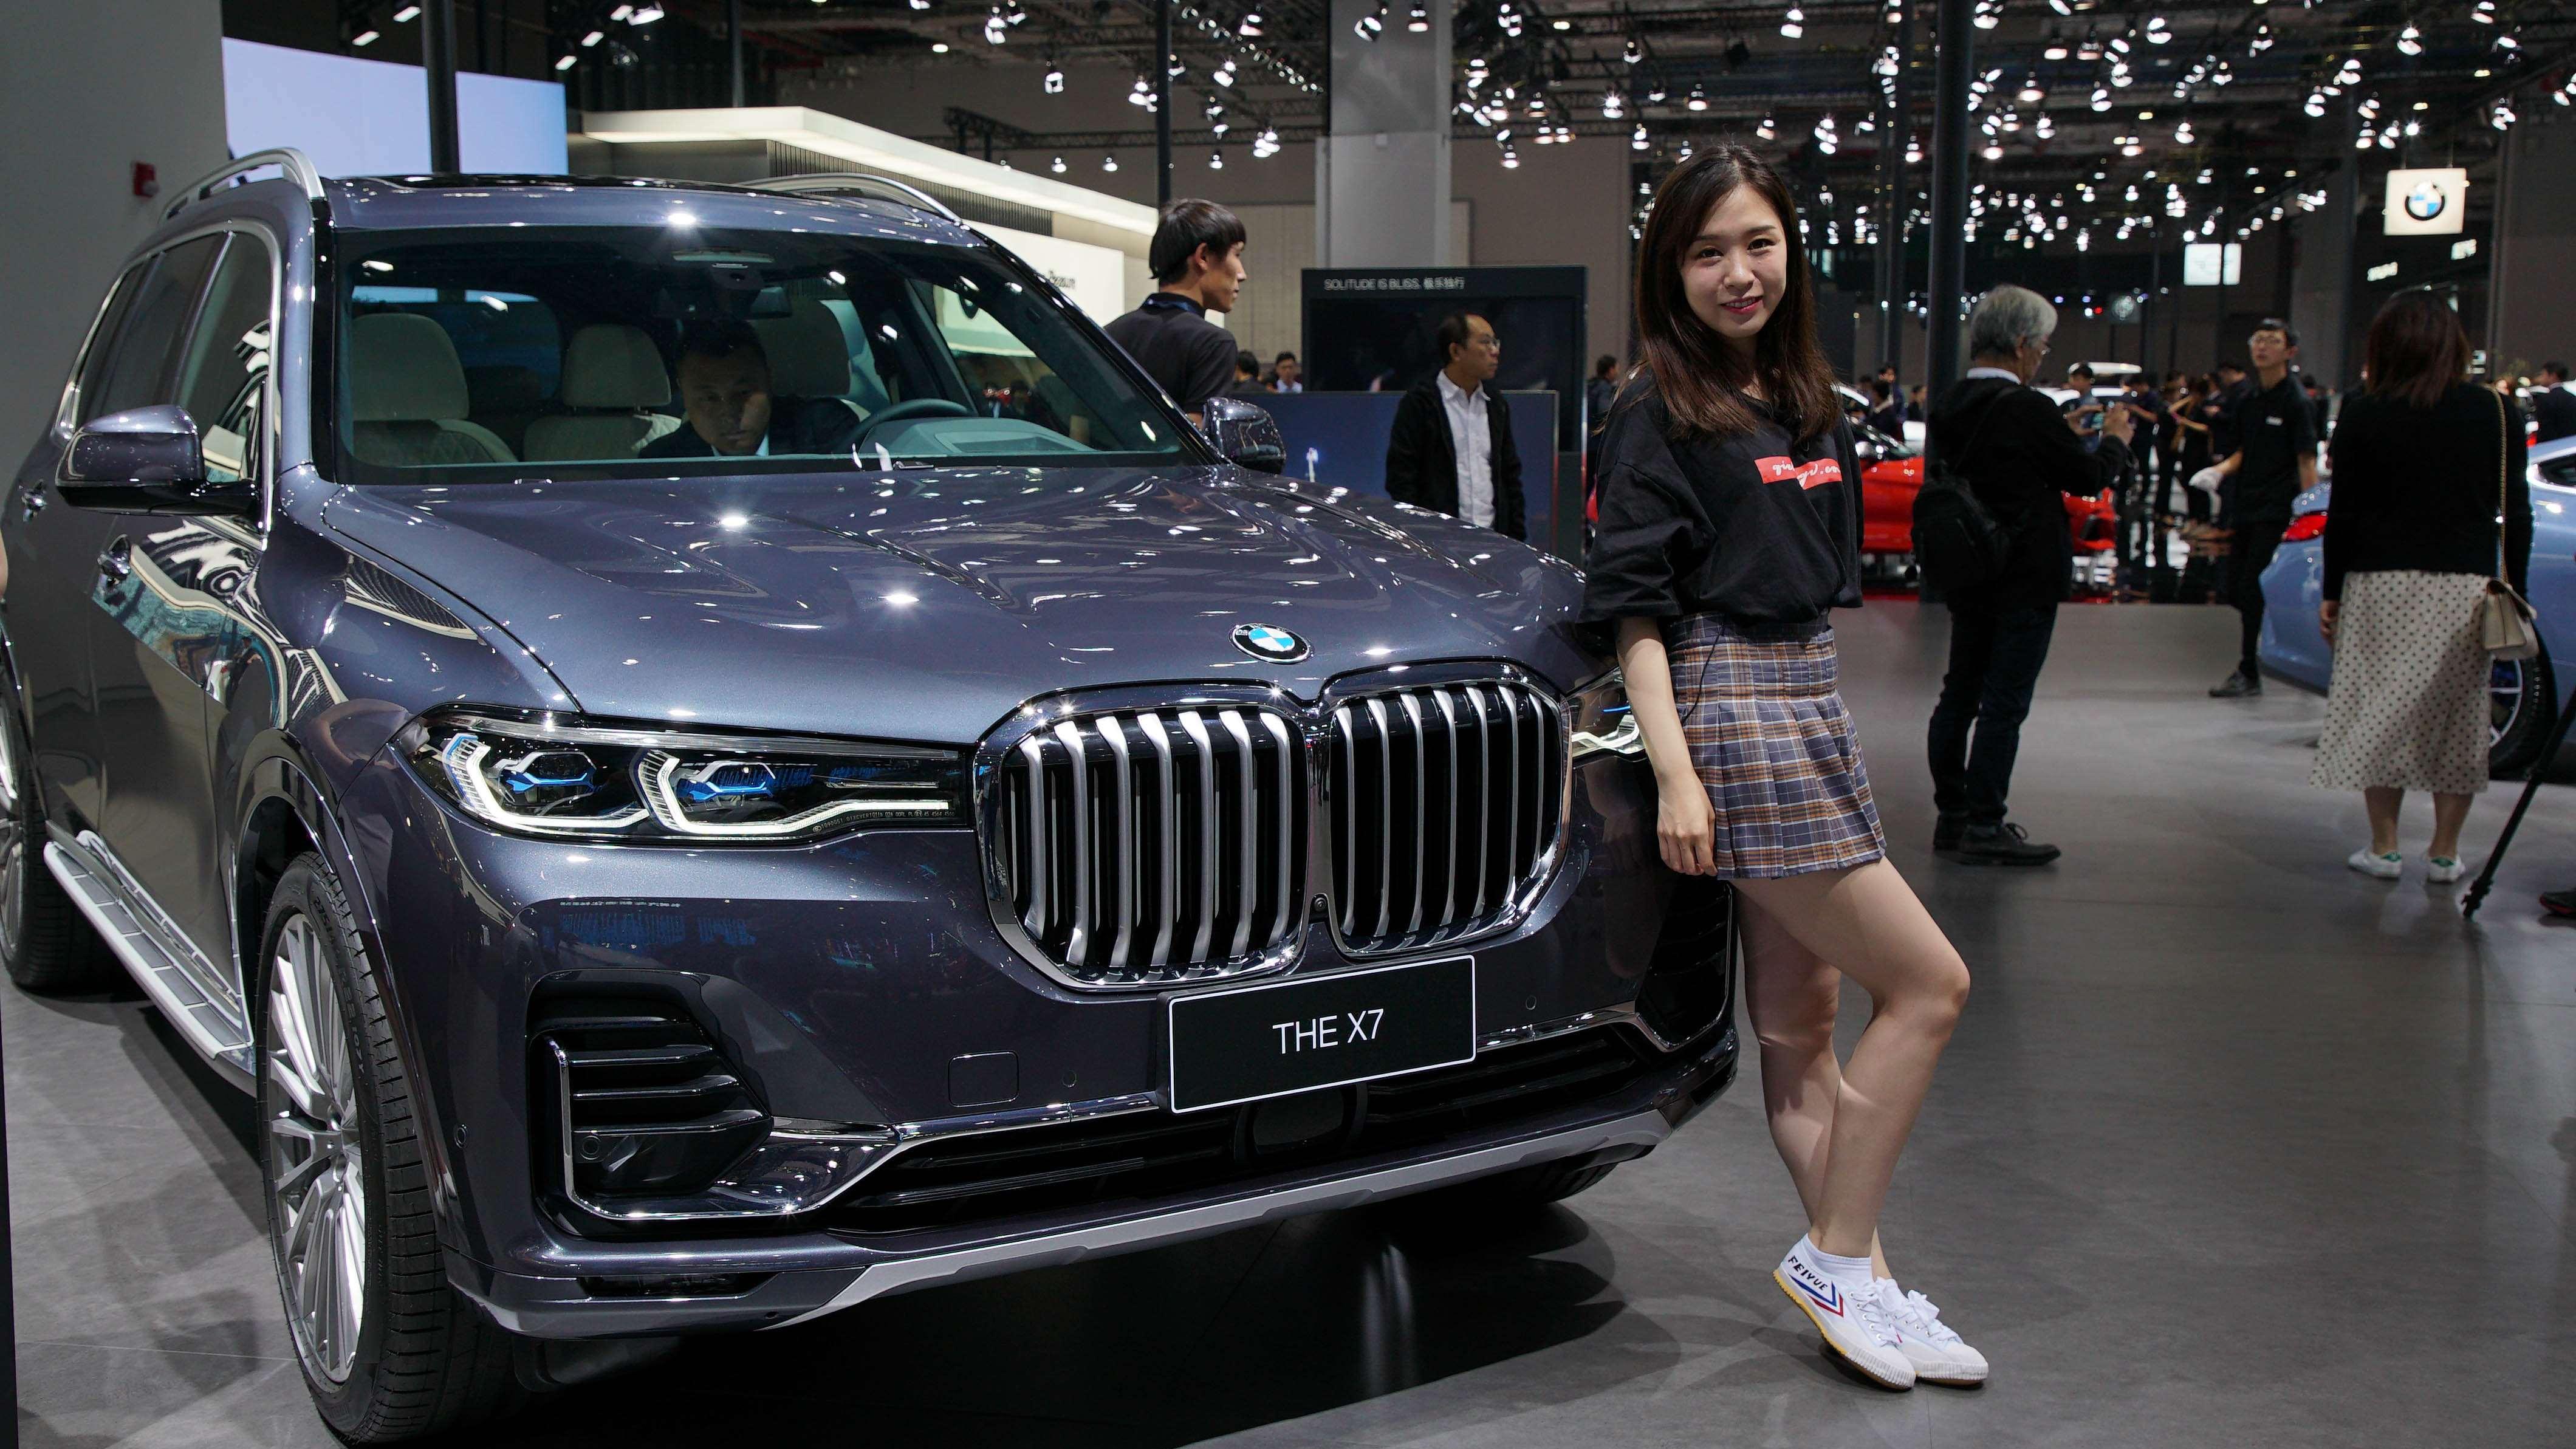 远处有着巨大鼻孔的SUV是?BMW X7:就是我了